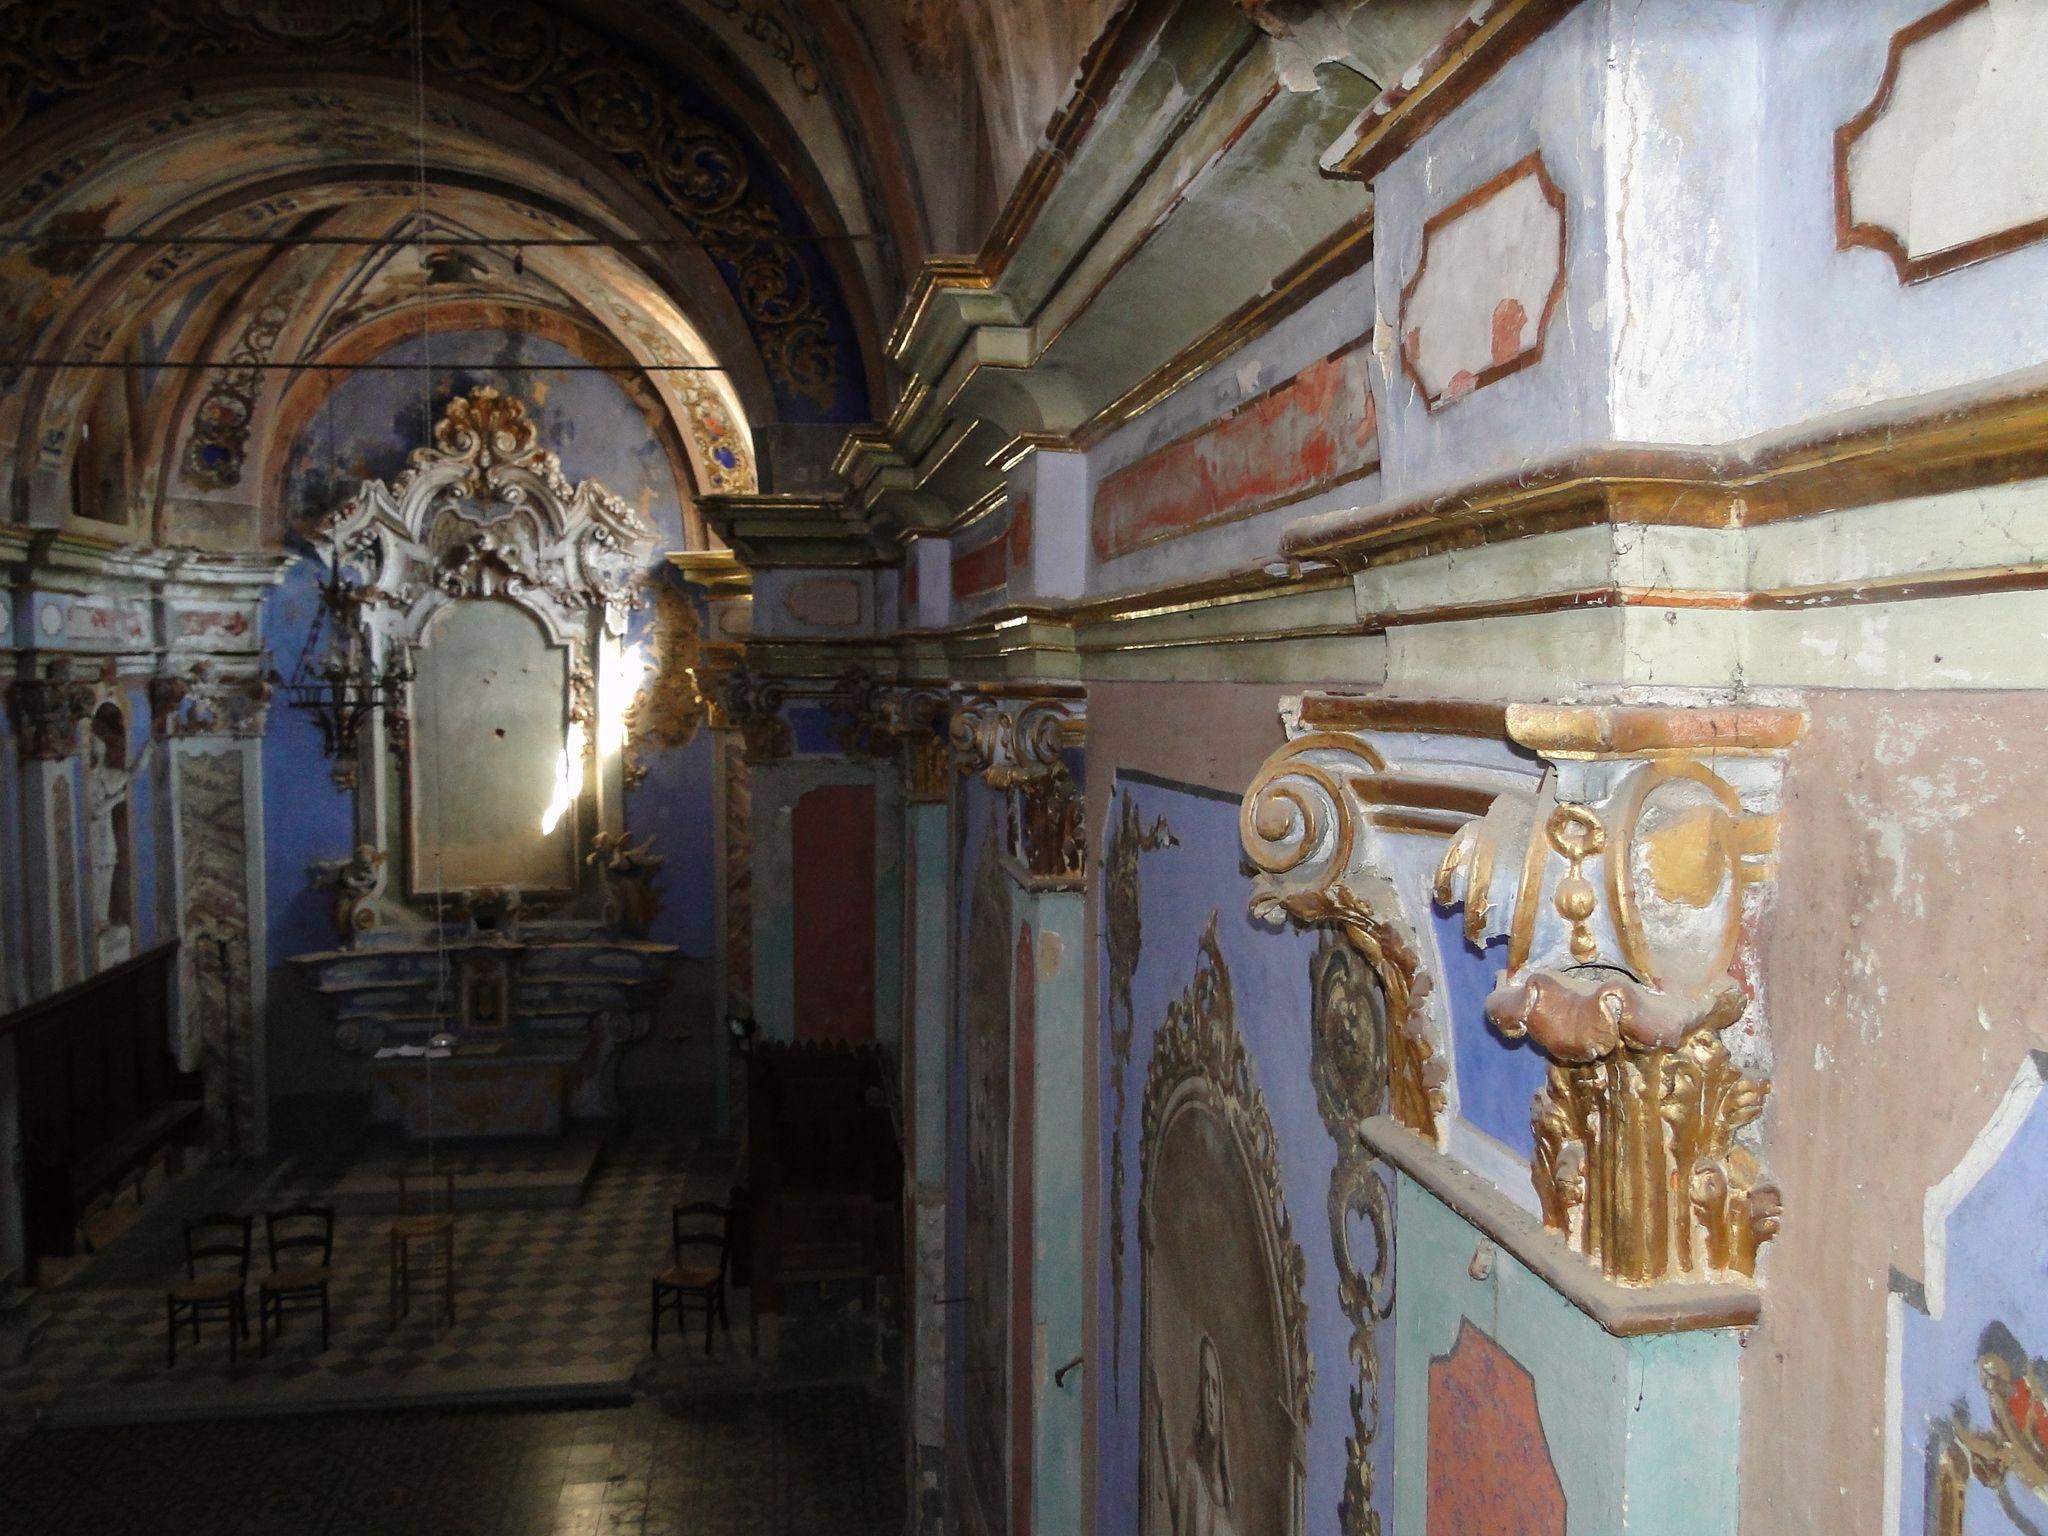 Es gibt einen eigenen Zugang in eine Barockkapelle die im Grundbuch eingetragen ist